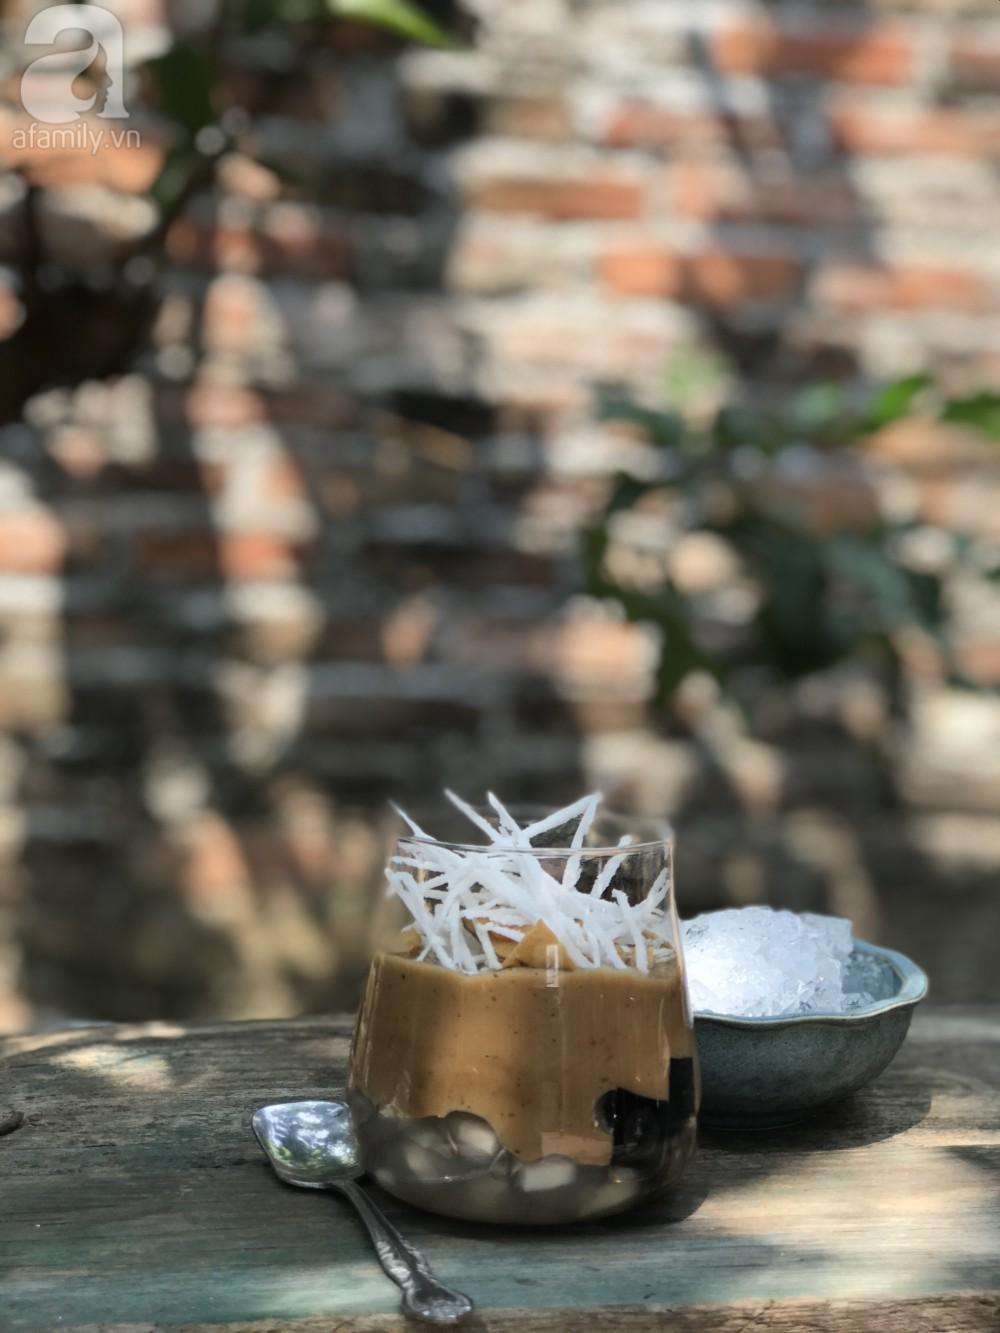 Cafe cốt dừa đang được 'săn đón' hè này - bạn đã biết cách làm chưa? - Ảnh 1